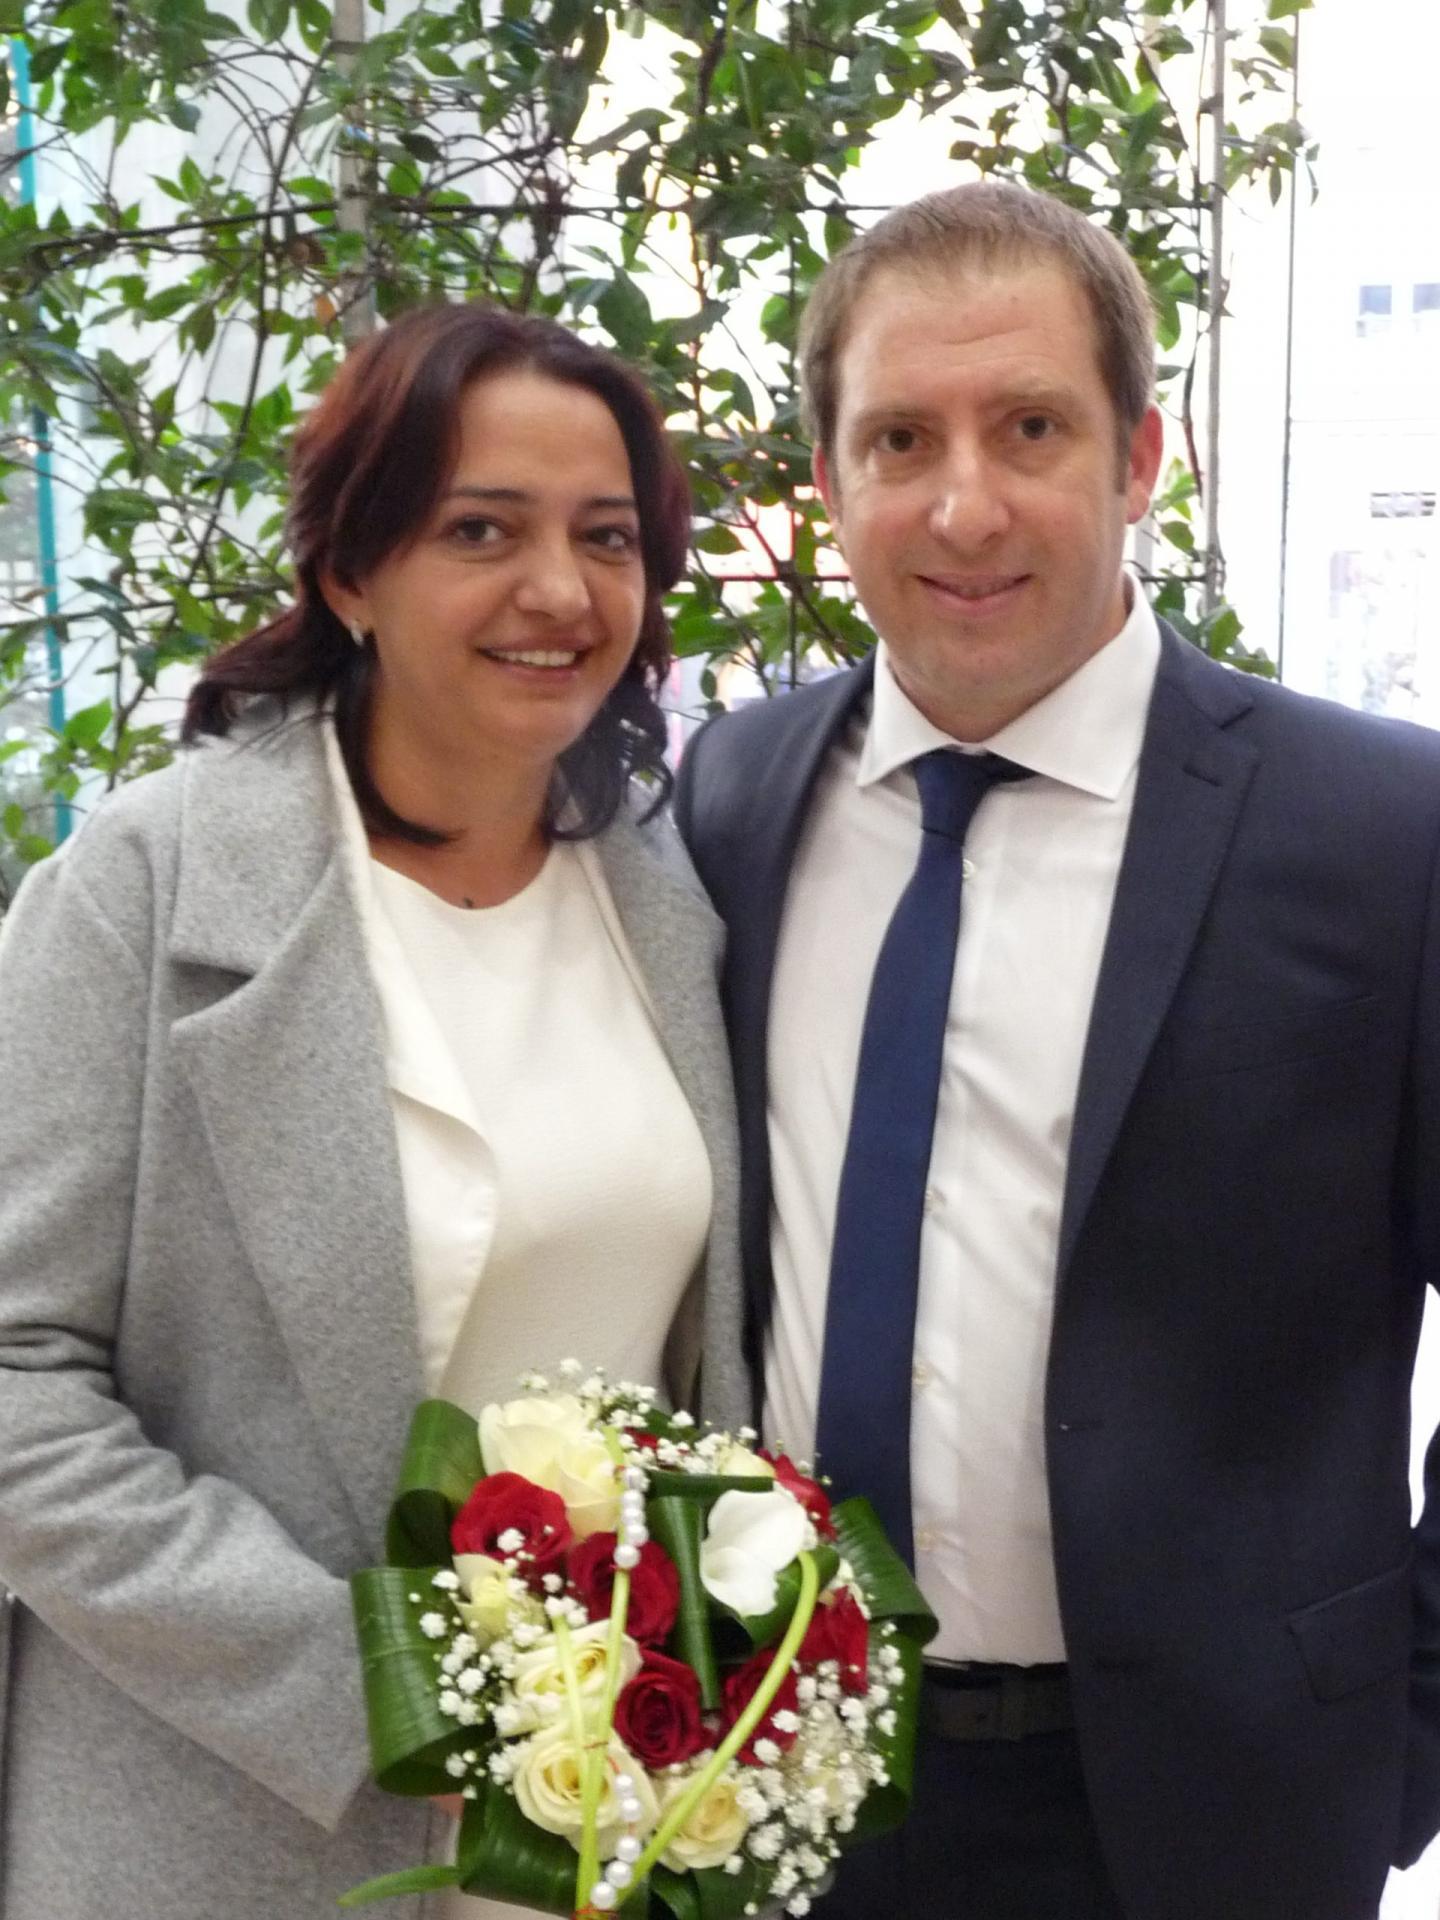 Stefania-Alina Tudor, employée de cuisine, et Mario Strano, commercial.